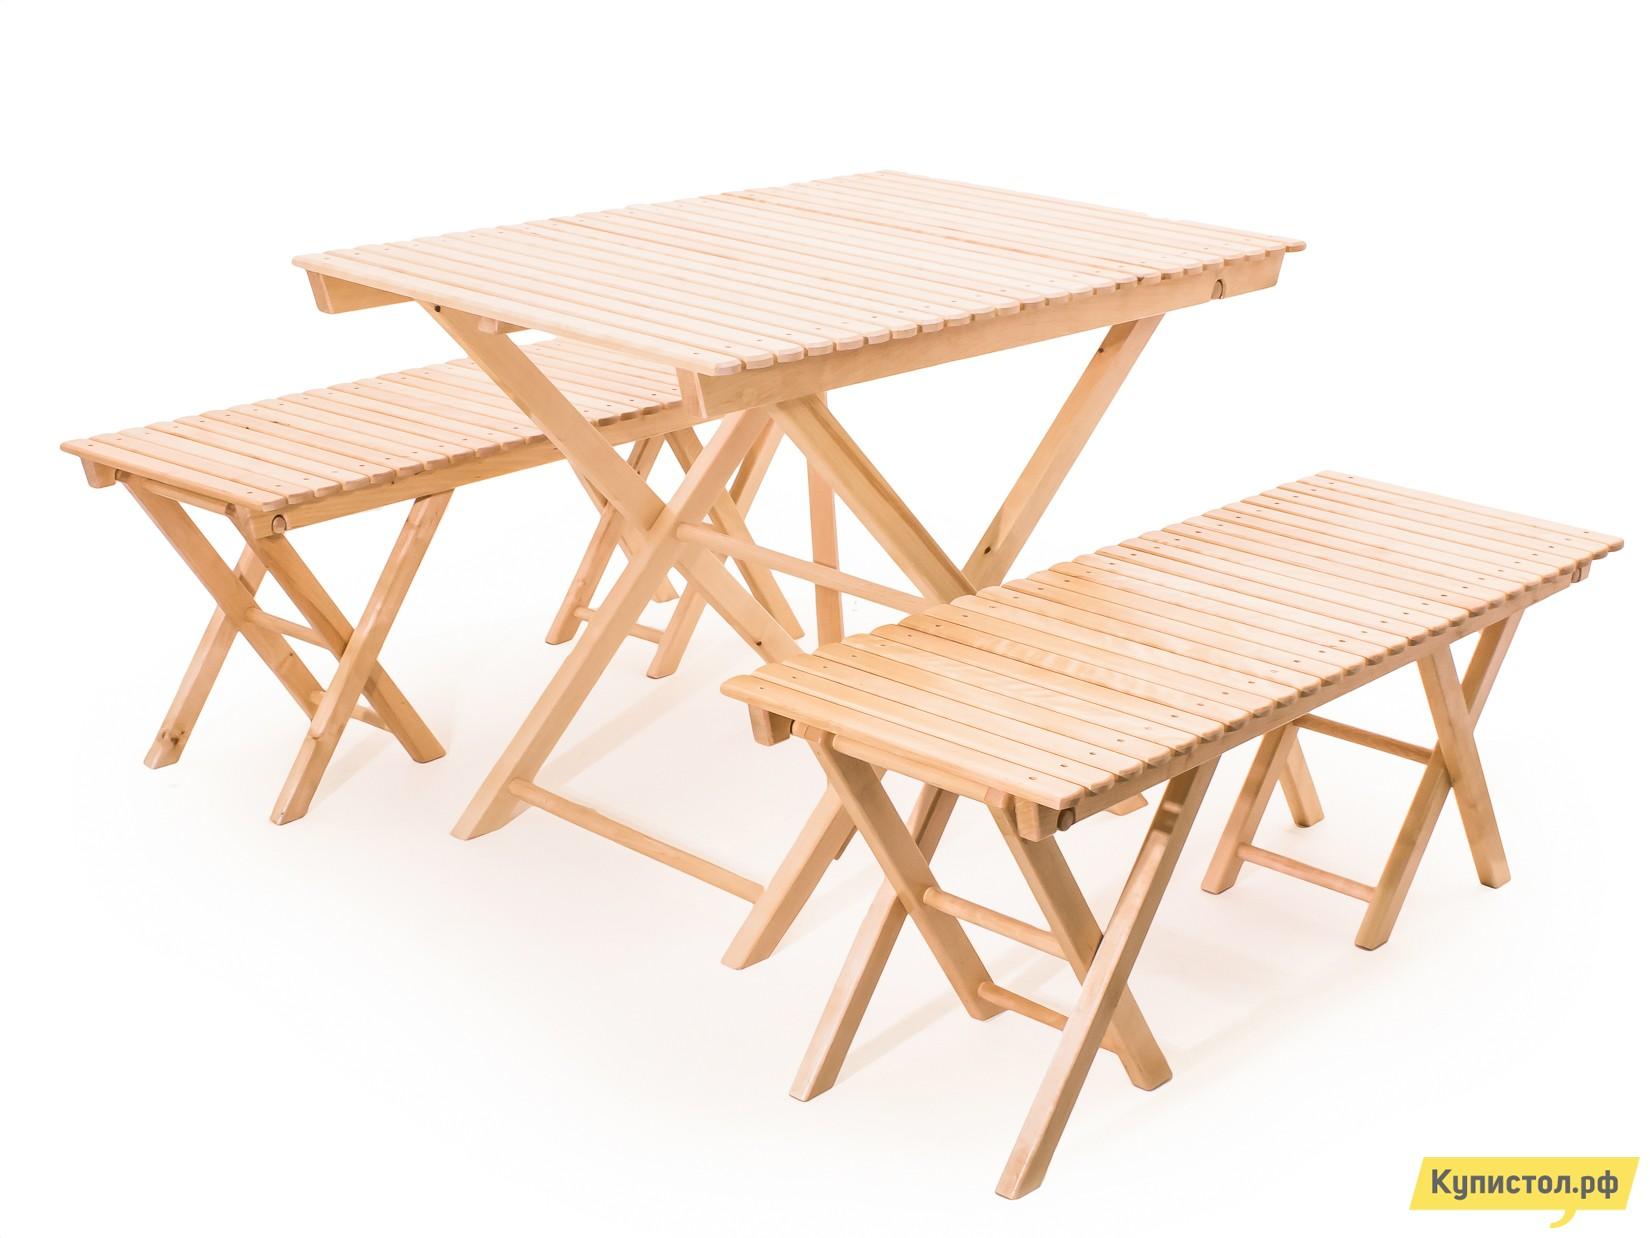 Комплект садовой мебели СМКА СМ004Б+СМ026Б 2 шт Береза